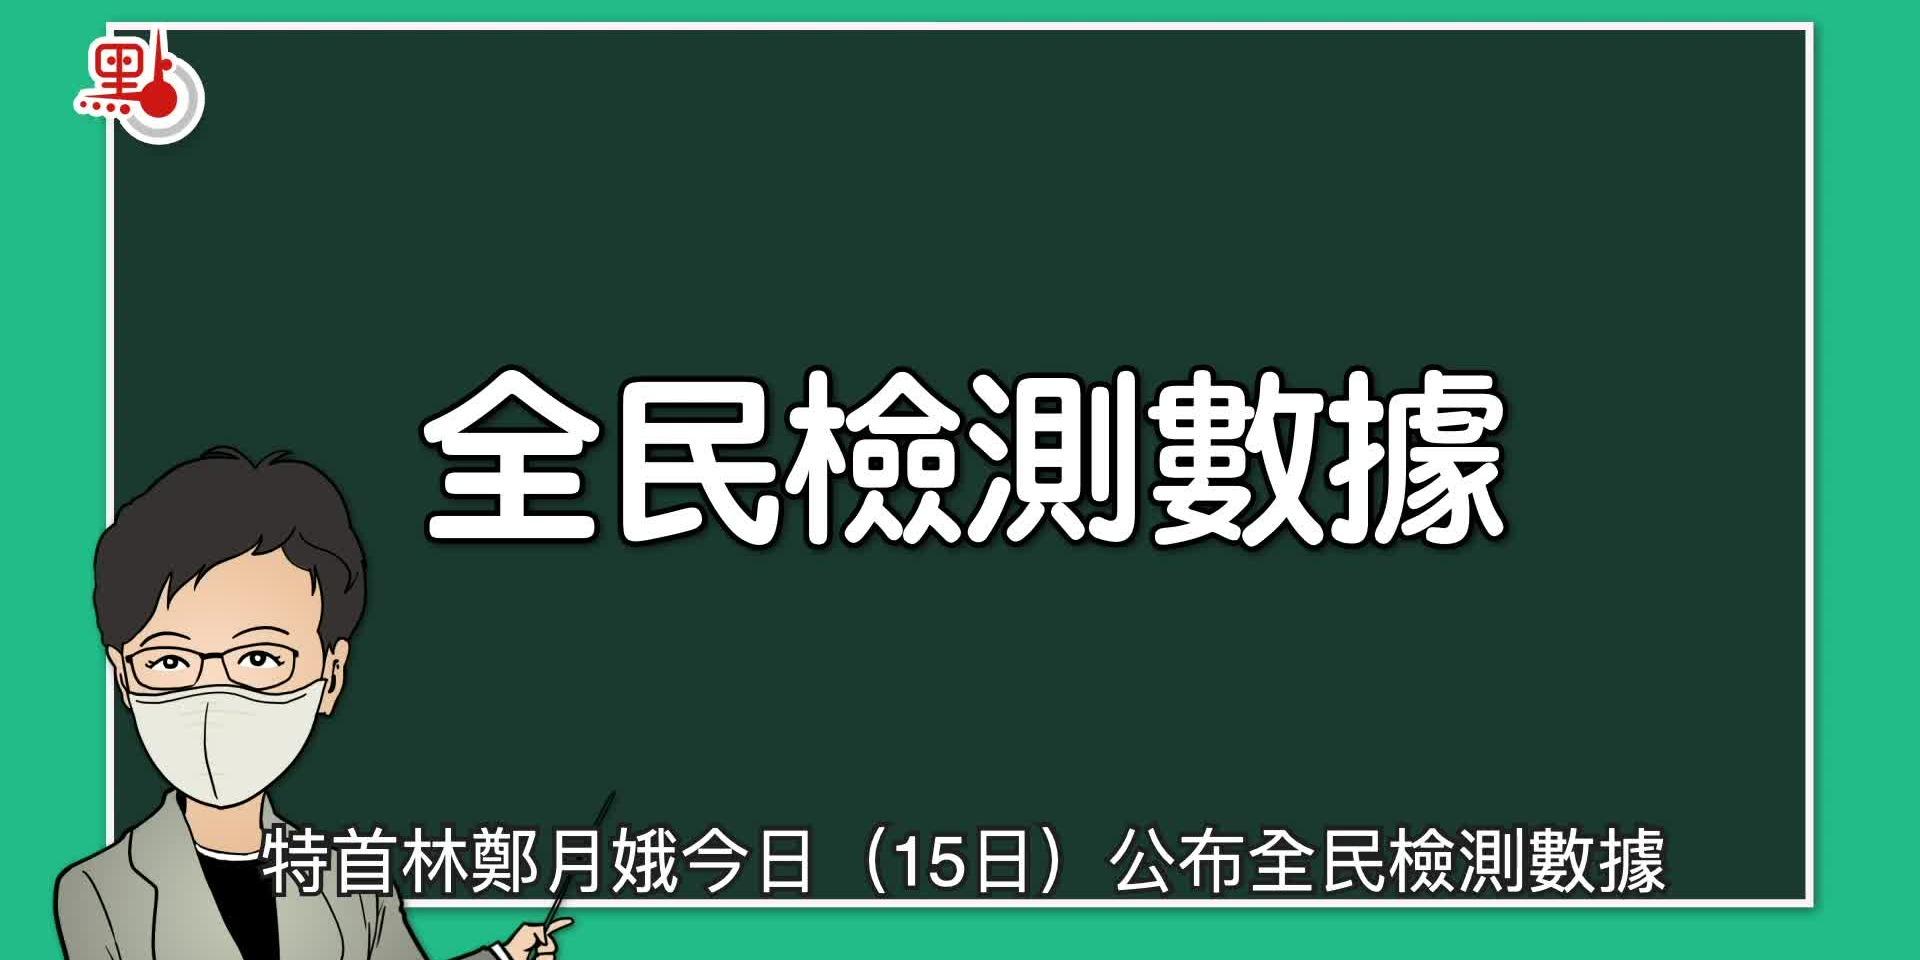 42名隱形病人現身 全民檢測圓滿結束【動畫】